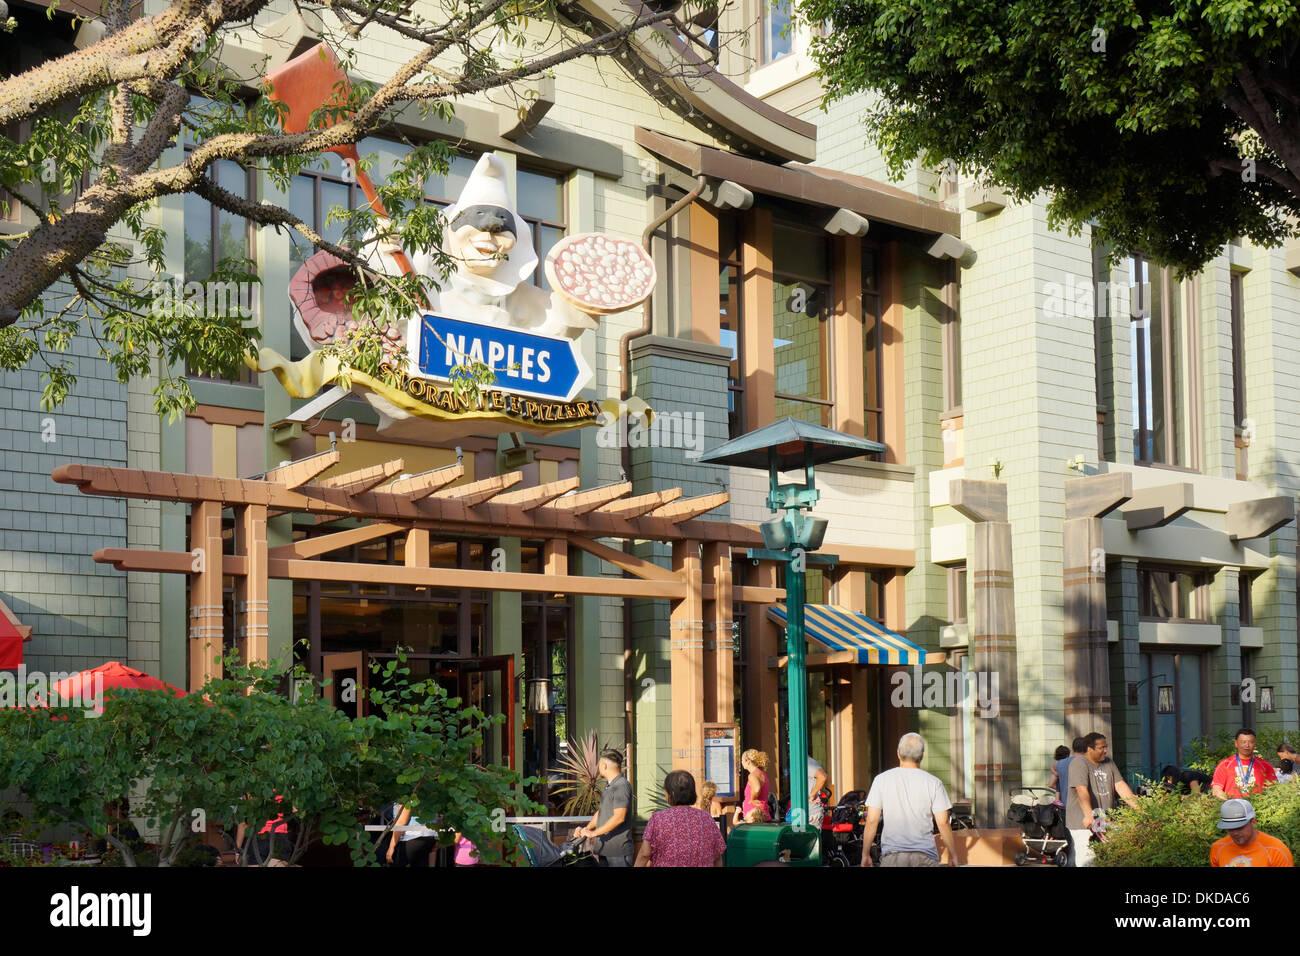 Naples Restaurant Downtown Disney Anaheim